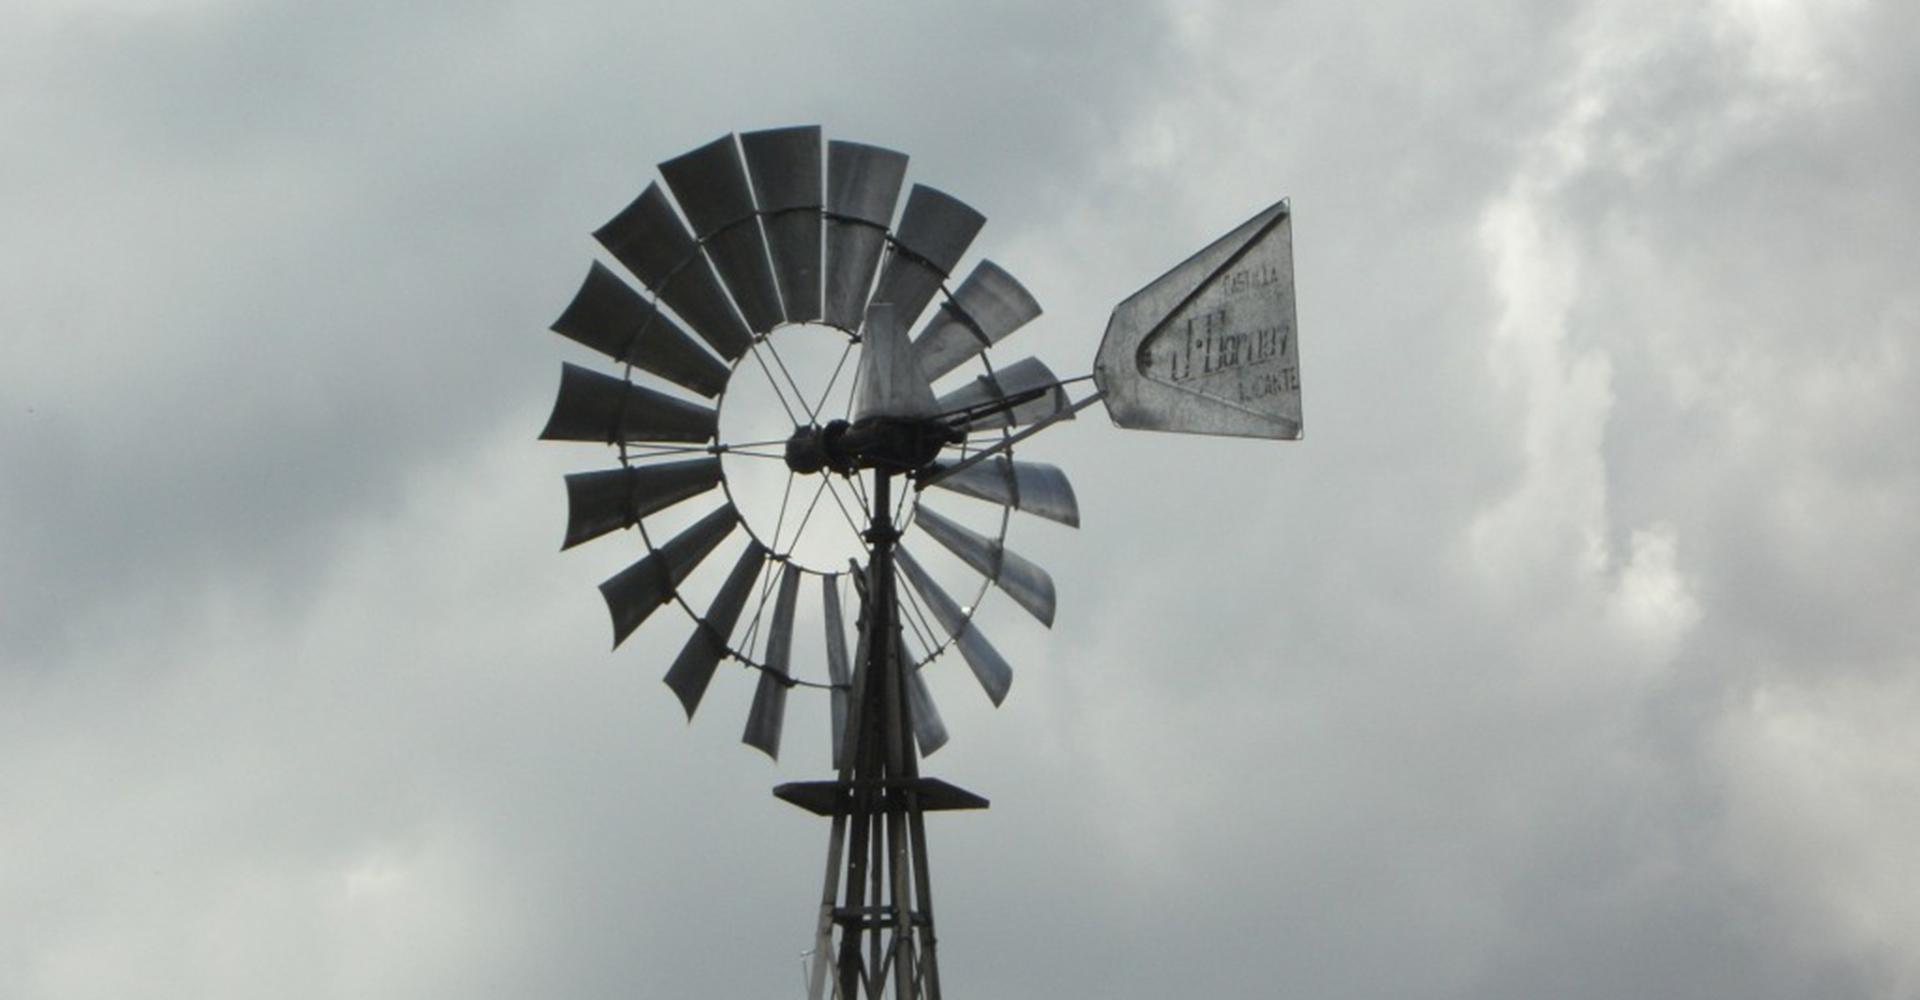 pinwheel-177449-1024x768crop